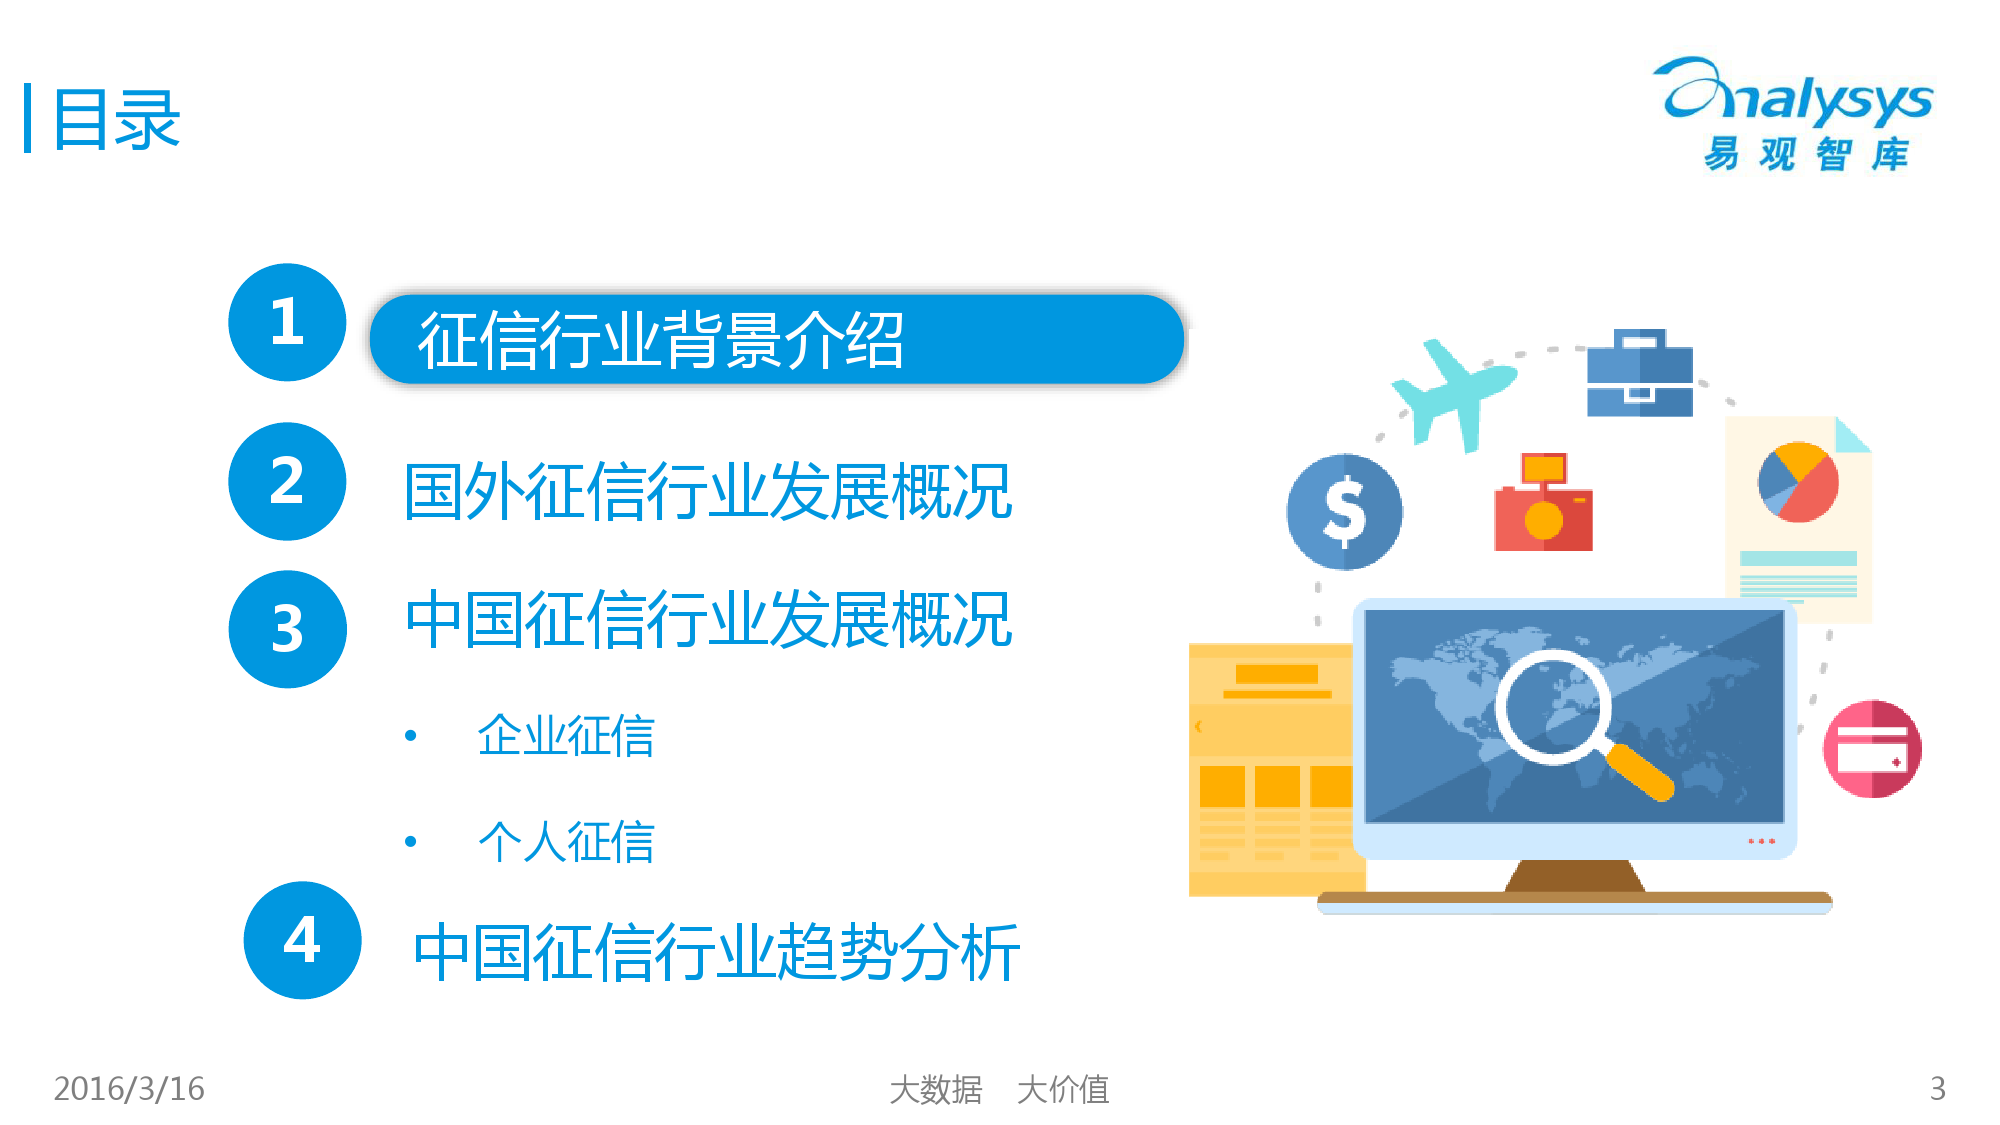 中国征信行业专题研究报告2016_000003